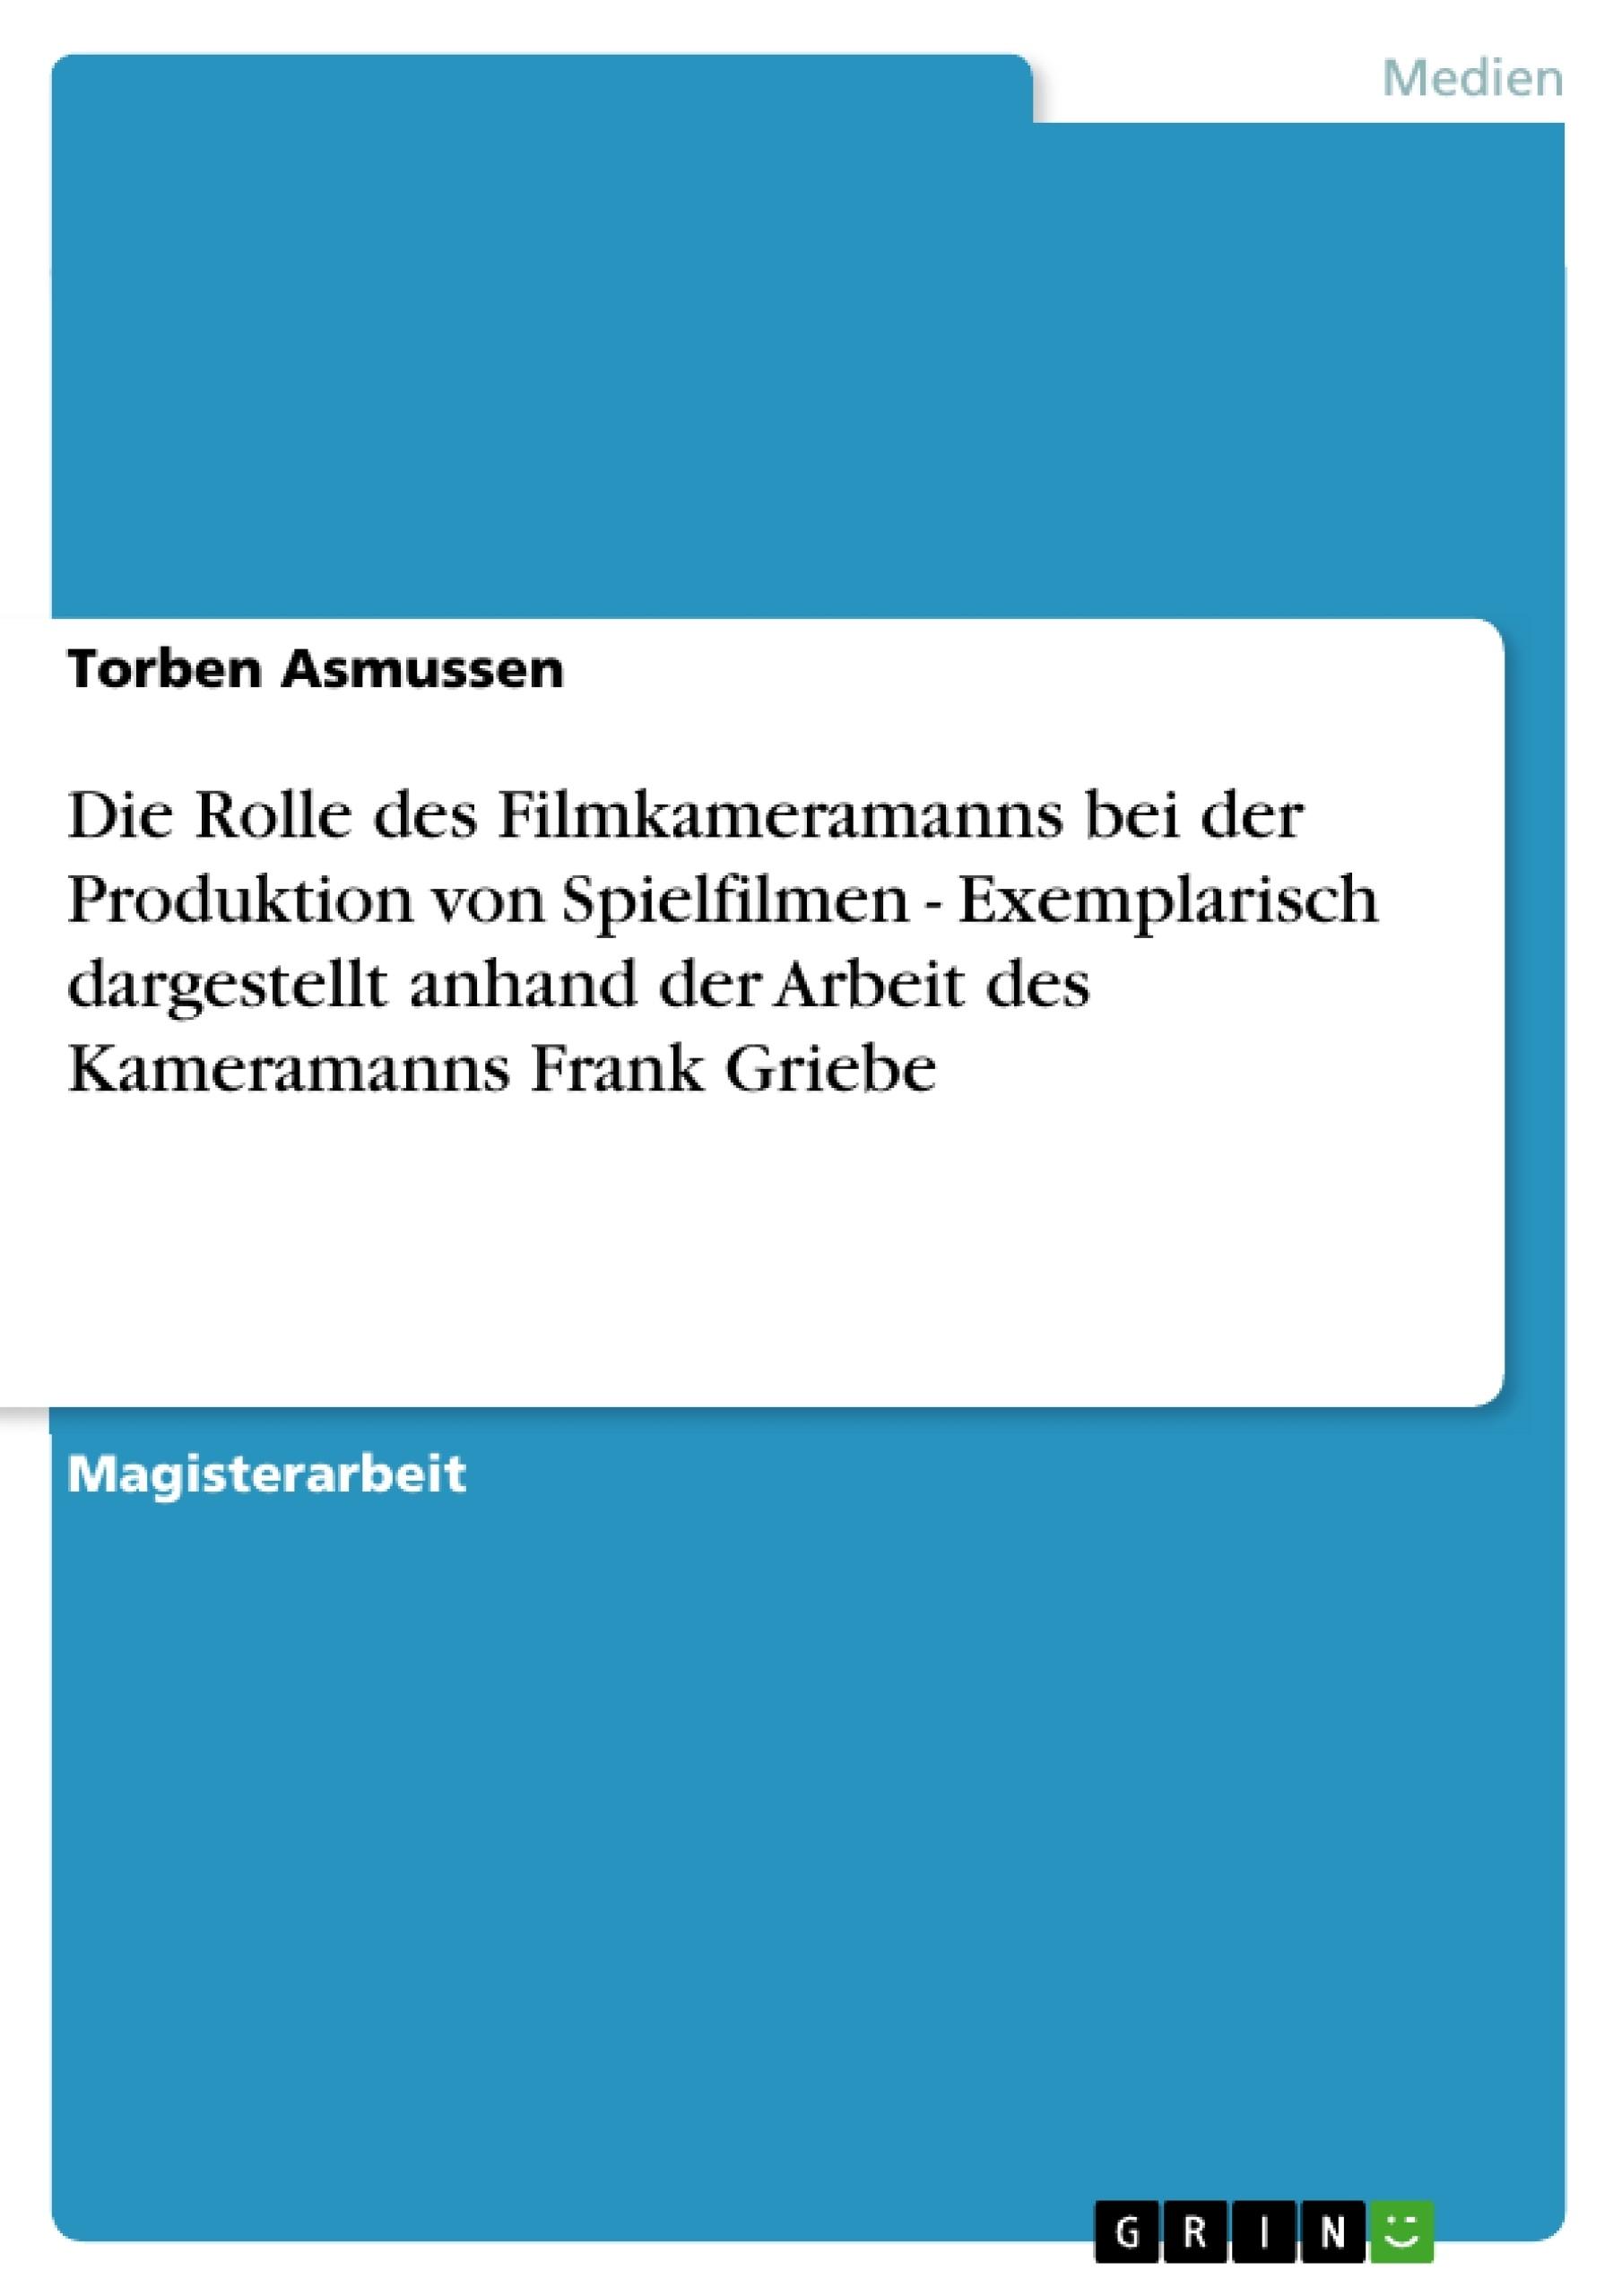 Titel: Die Rolle des Filmkameramanns bei der Produktion von Spielfilmen - Exemplarisch dargestellt anhand der Arbeit des Kameramanns Frank Griebe